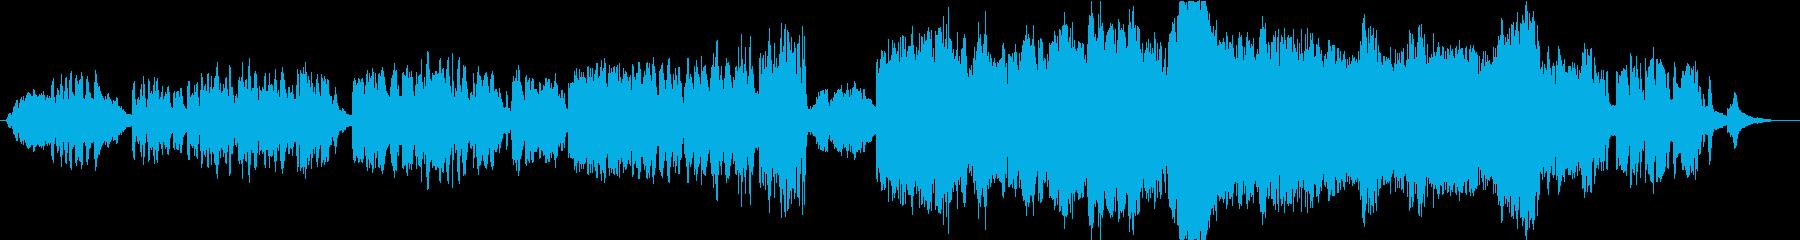 星をイメージしたピアノとストリングスの曲の再生済みの波形